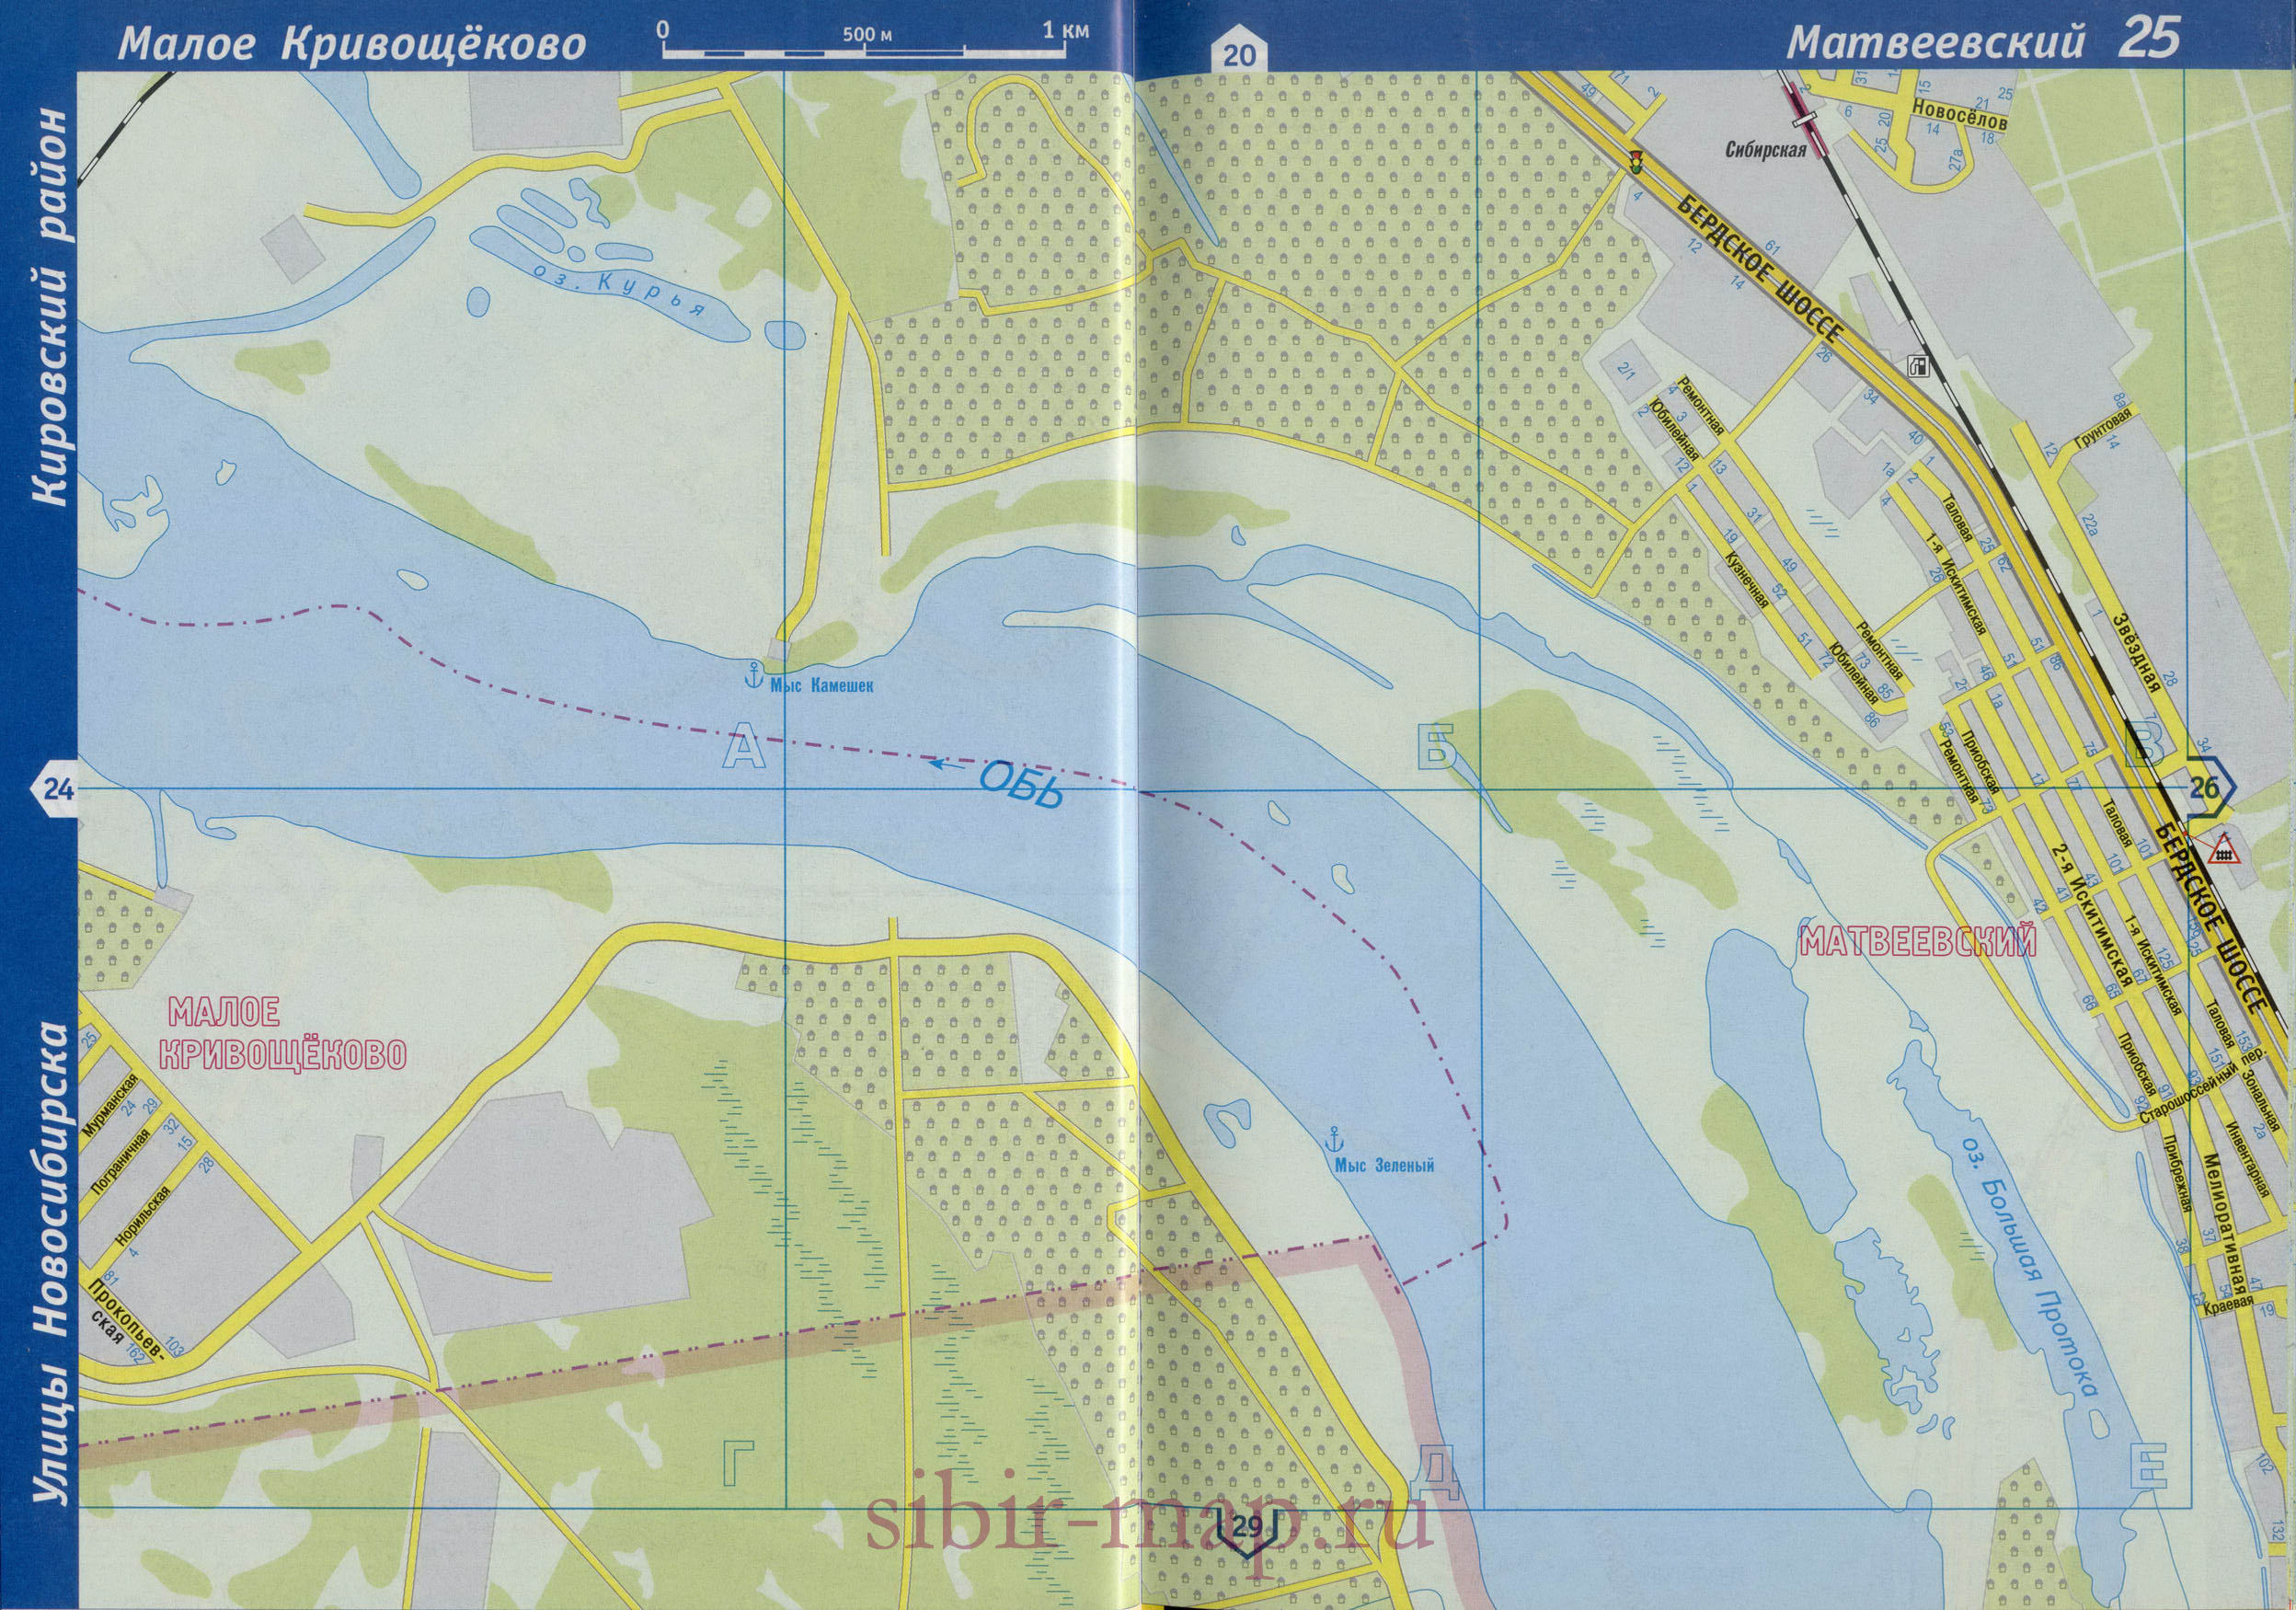 Карта Первомайского района города Новосибирска, A1: http://sibir-map.ru/map1335036_1_0.htm